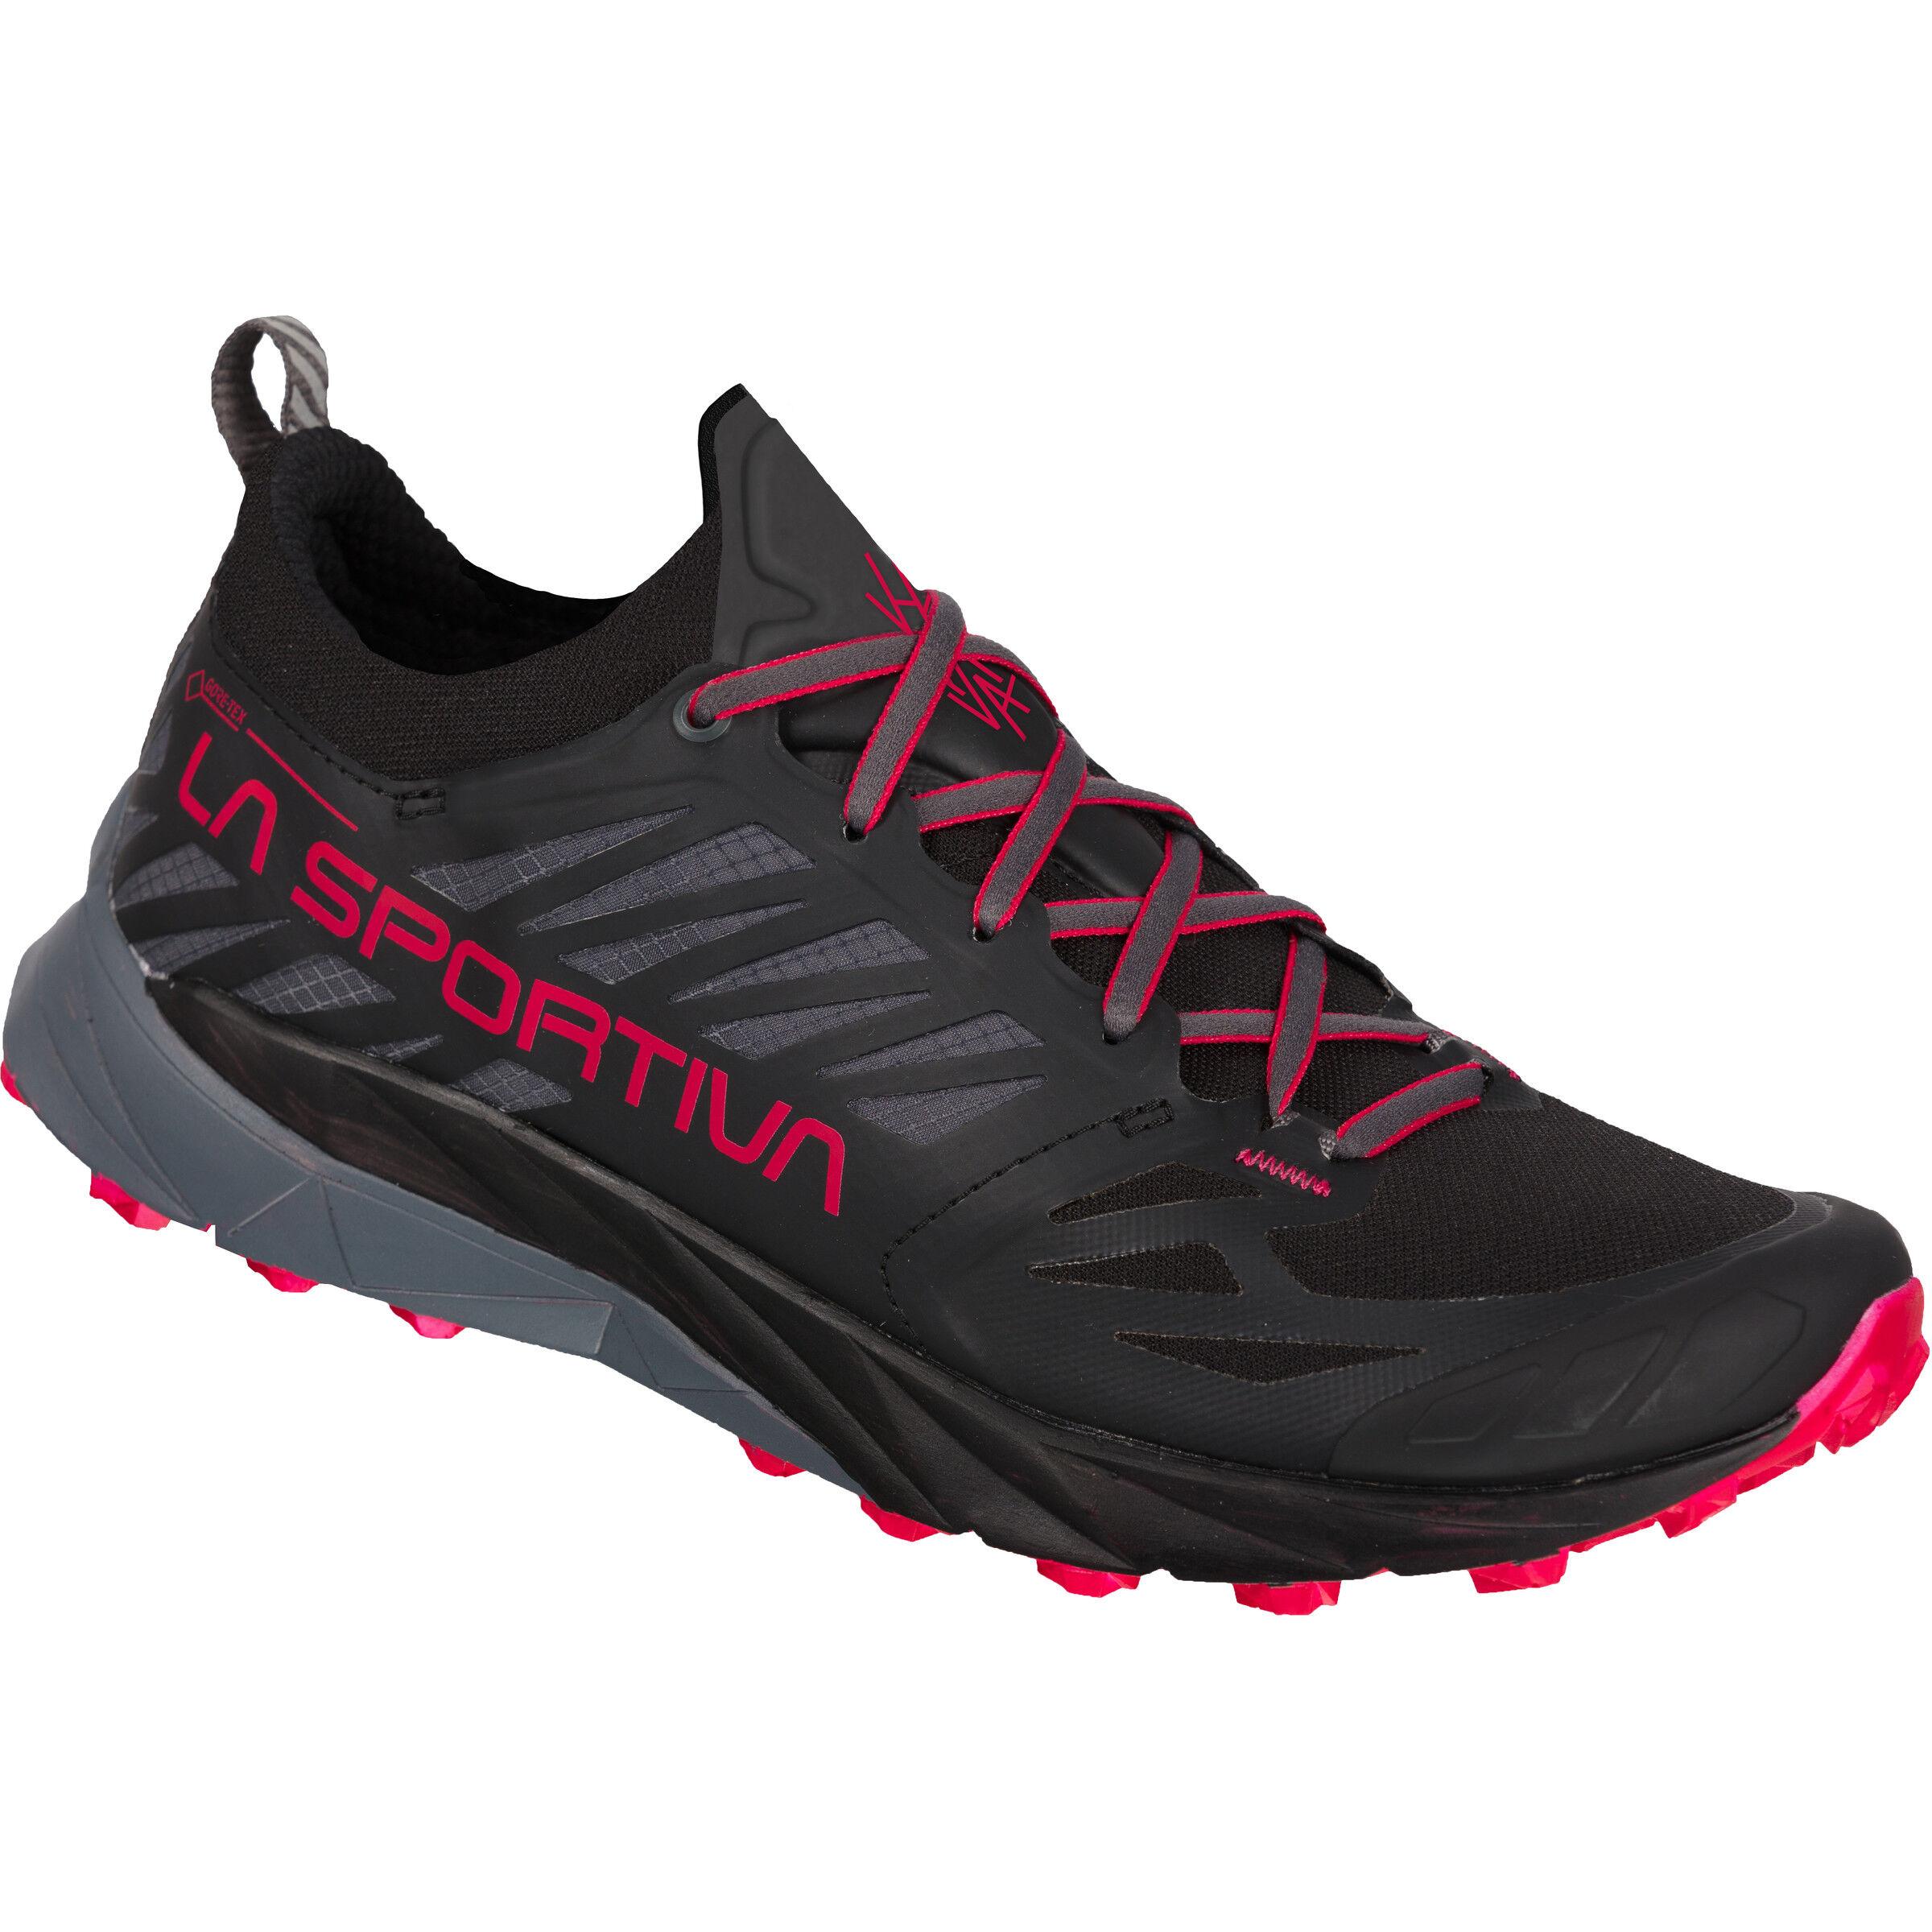 Damenlaufschuhe | Boost schuhe, Adidas damen und Laufschuhe